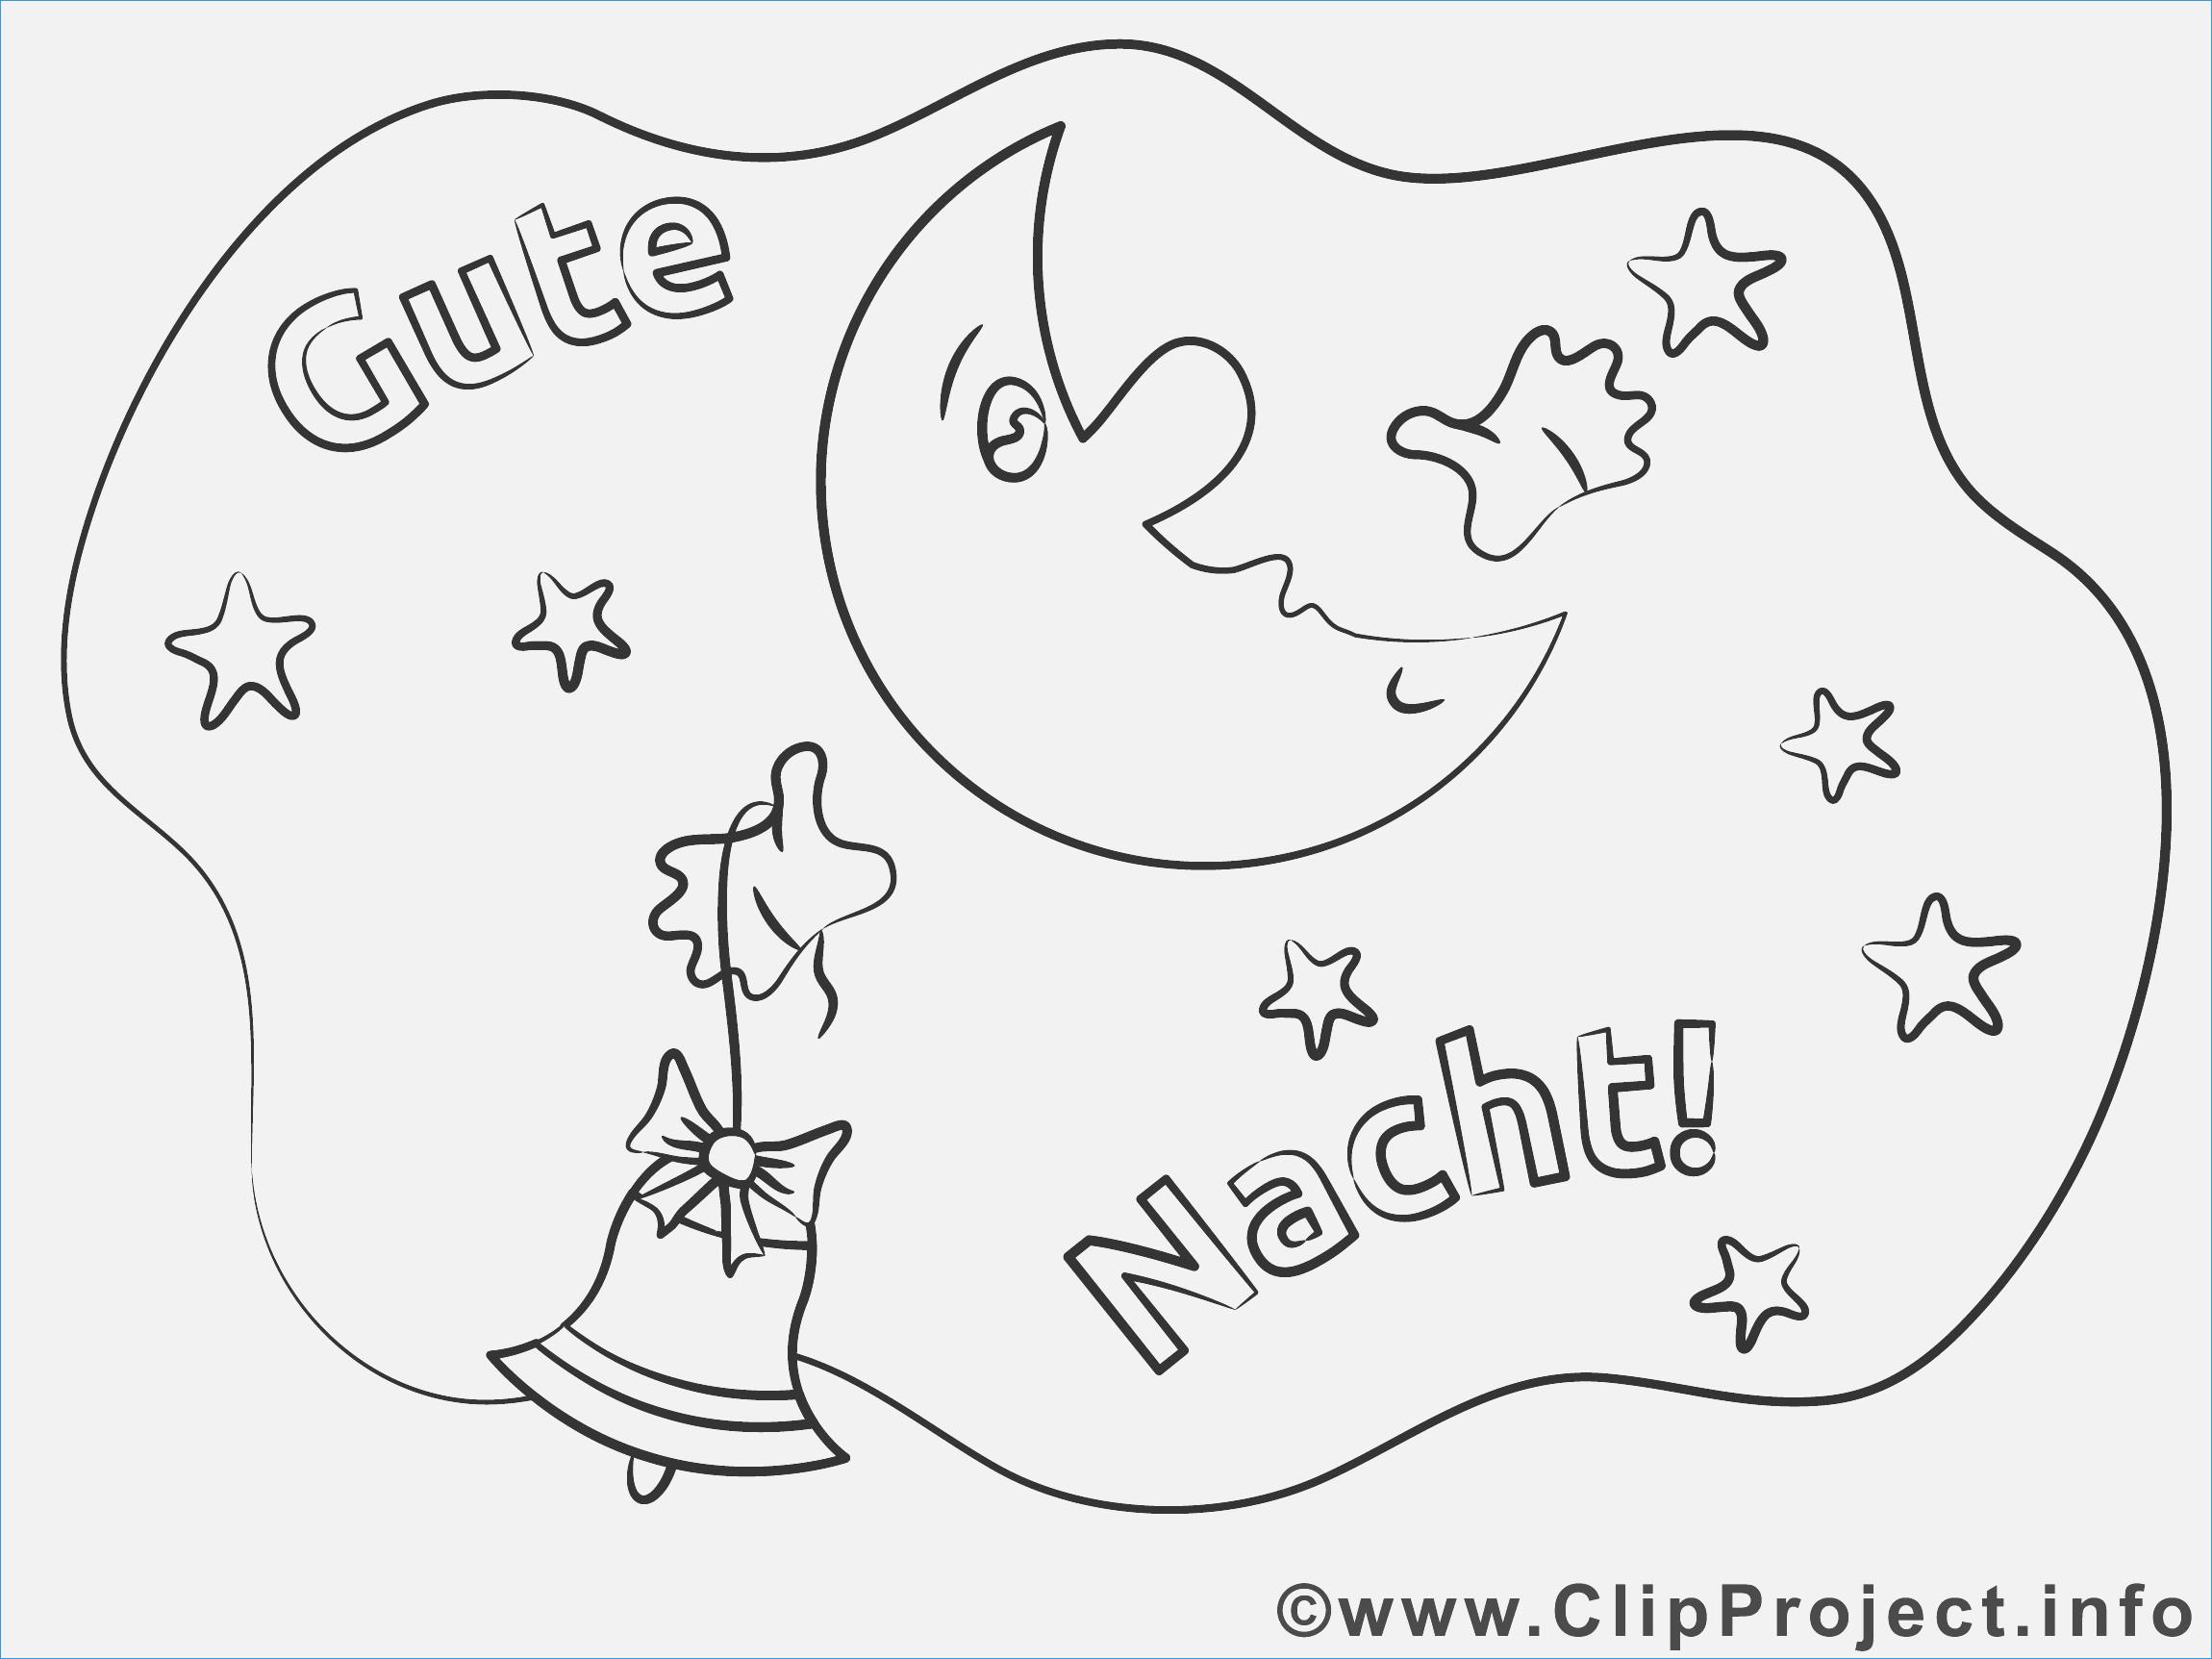 Ausmalbilder Weihnachten Schule Frisch Ausmalbilder Vorlagen Genial Ausmalbilder Mond New Bayern Das Bild